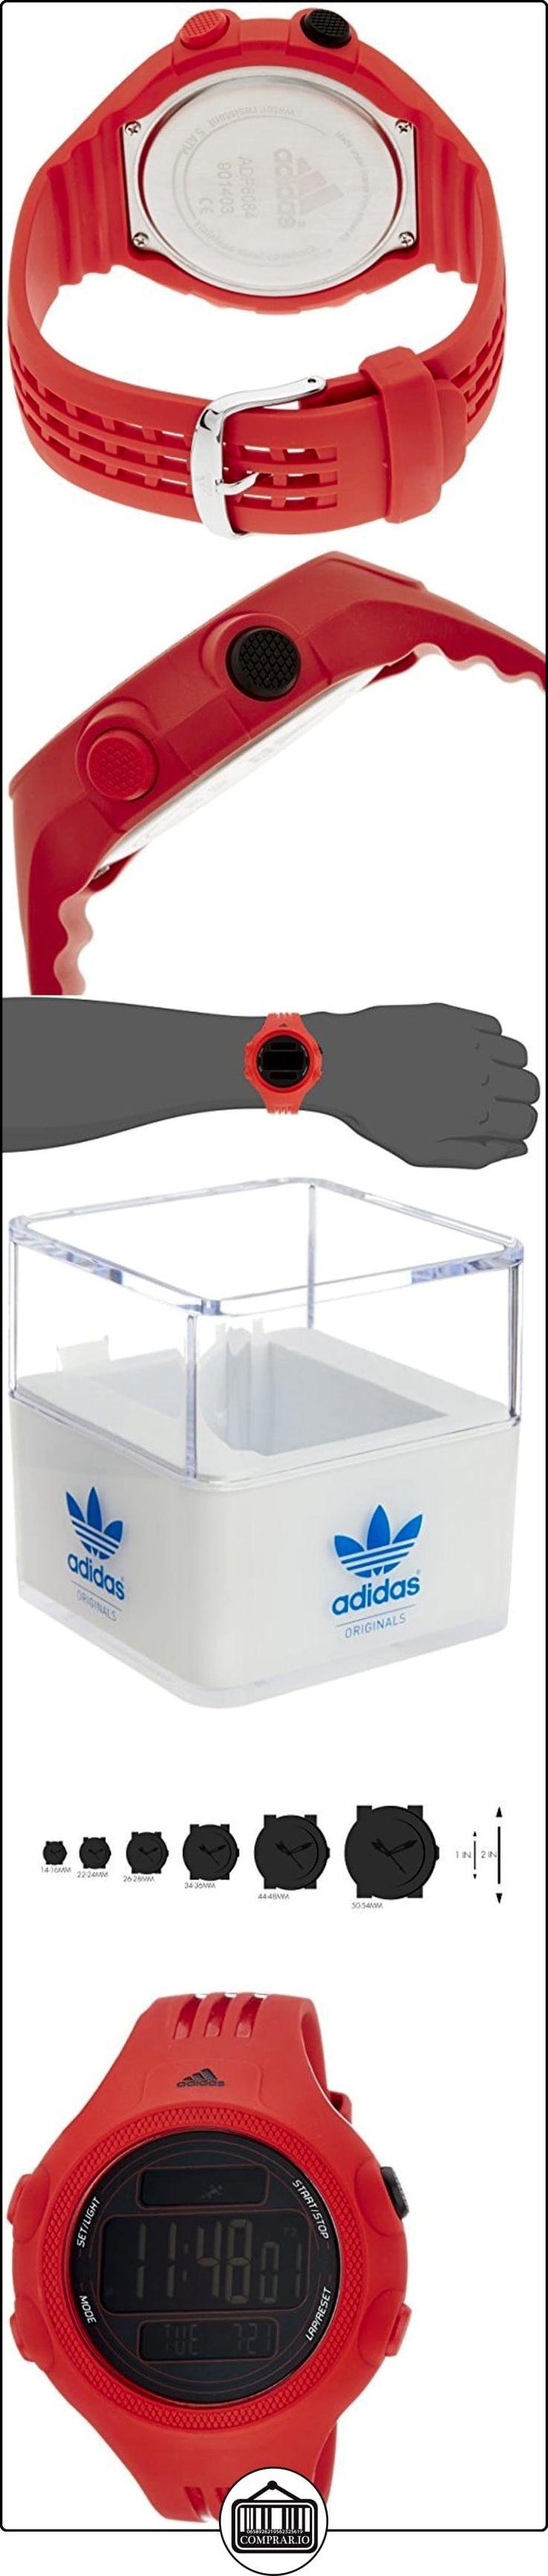 Adidas De los hombres Questra Digital Casual Cuarzo Reloj ADP6084  ✿ Relojes para hombre - (Gama media/alta) ✿